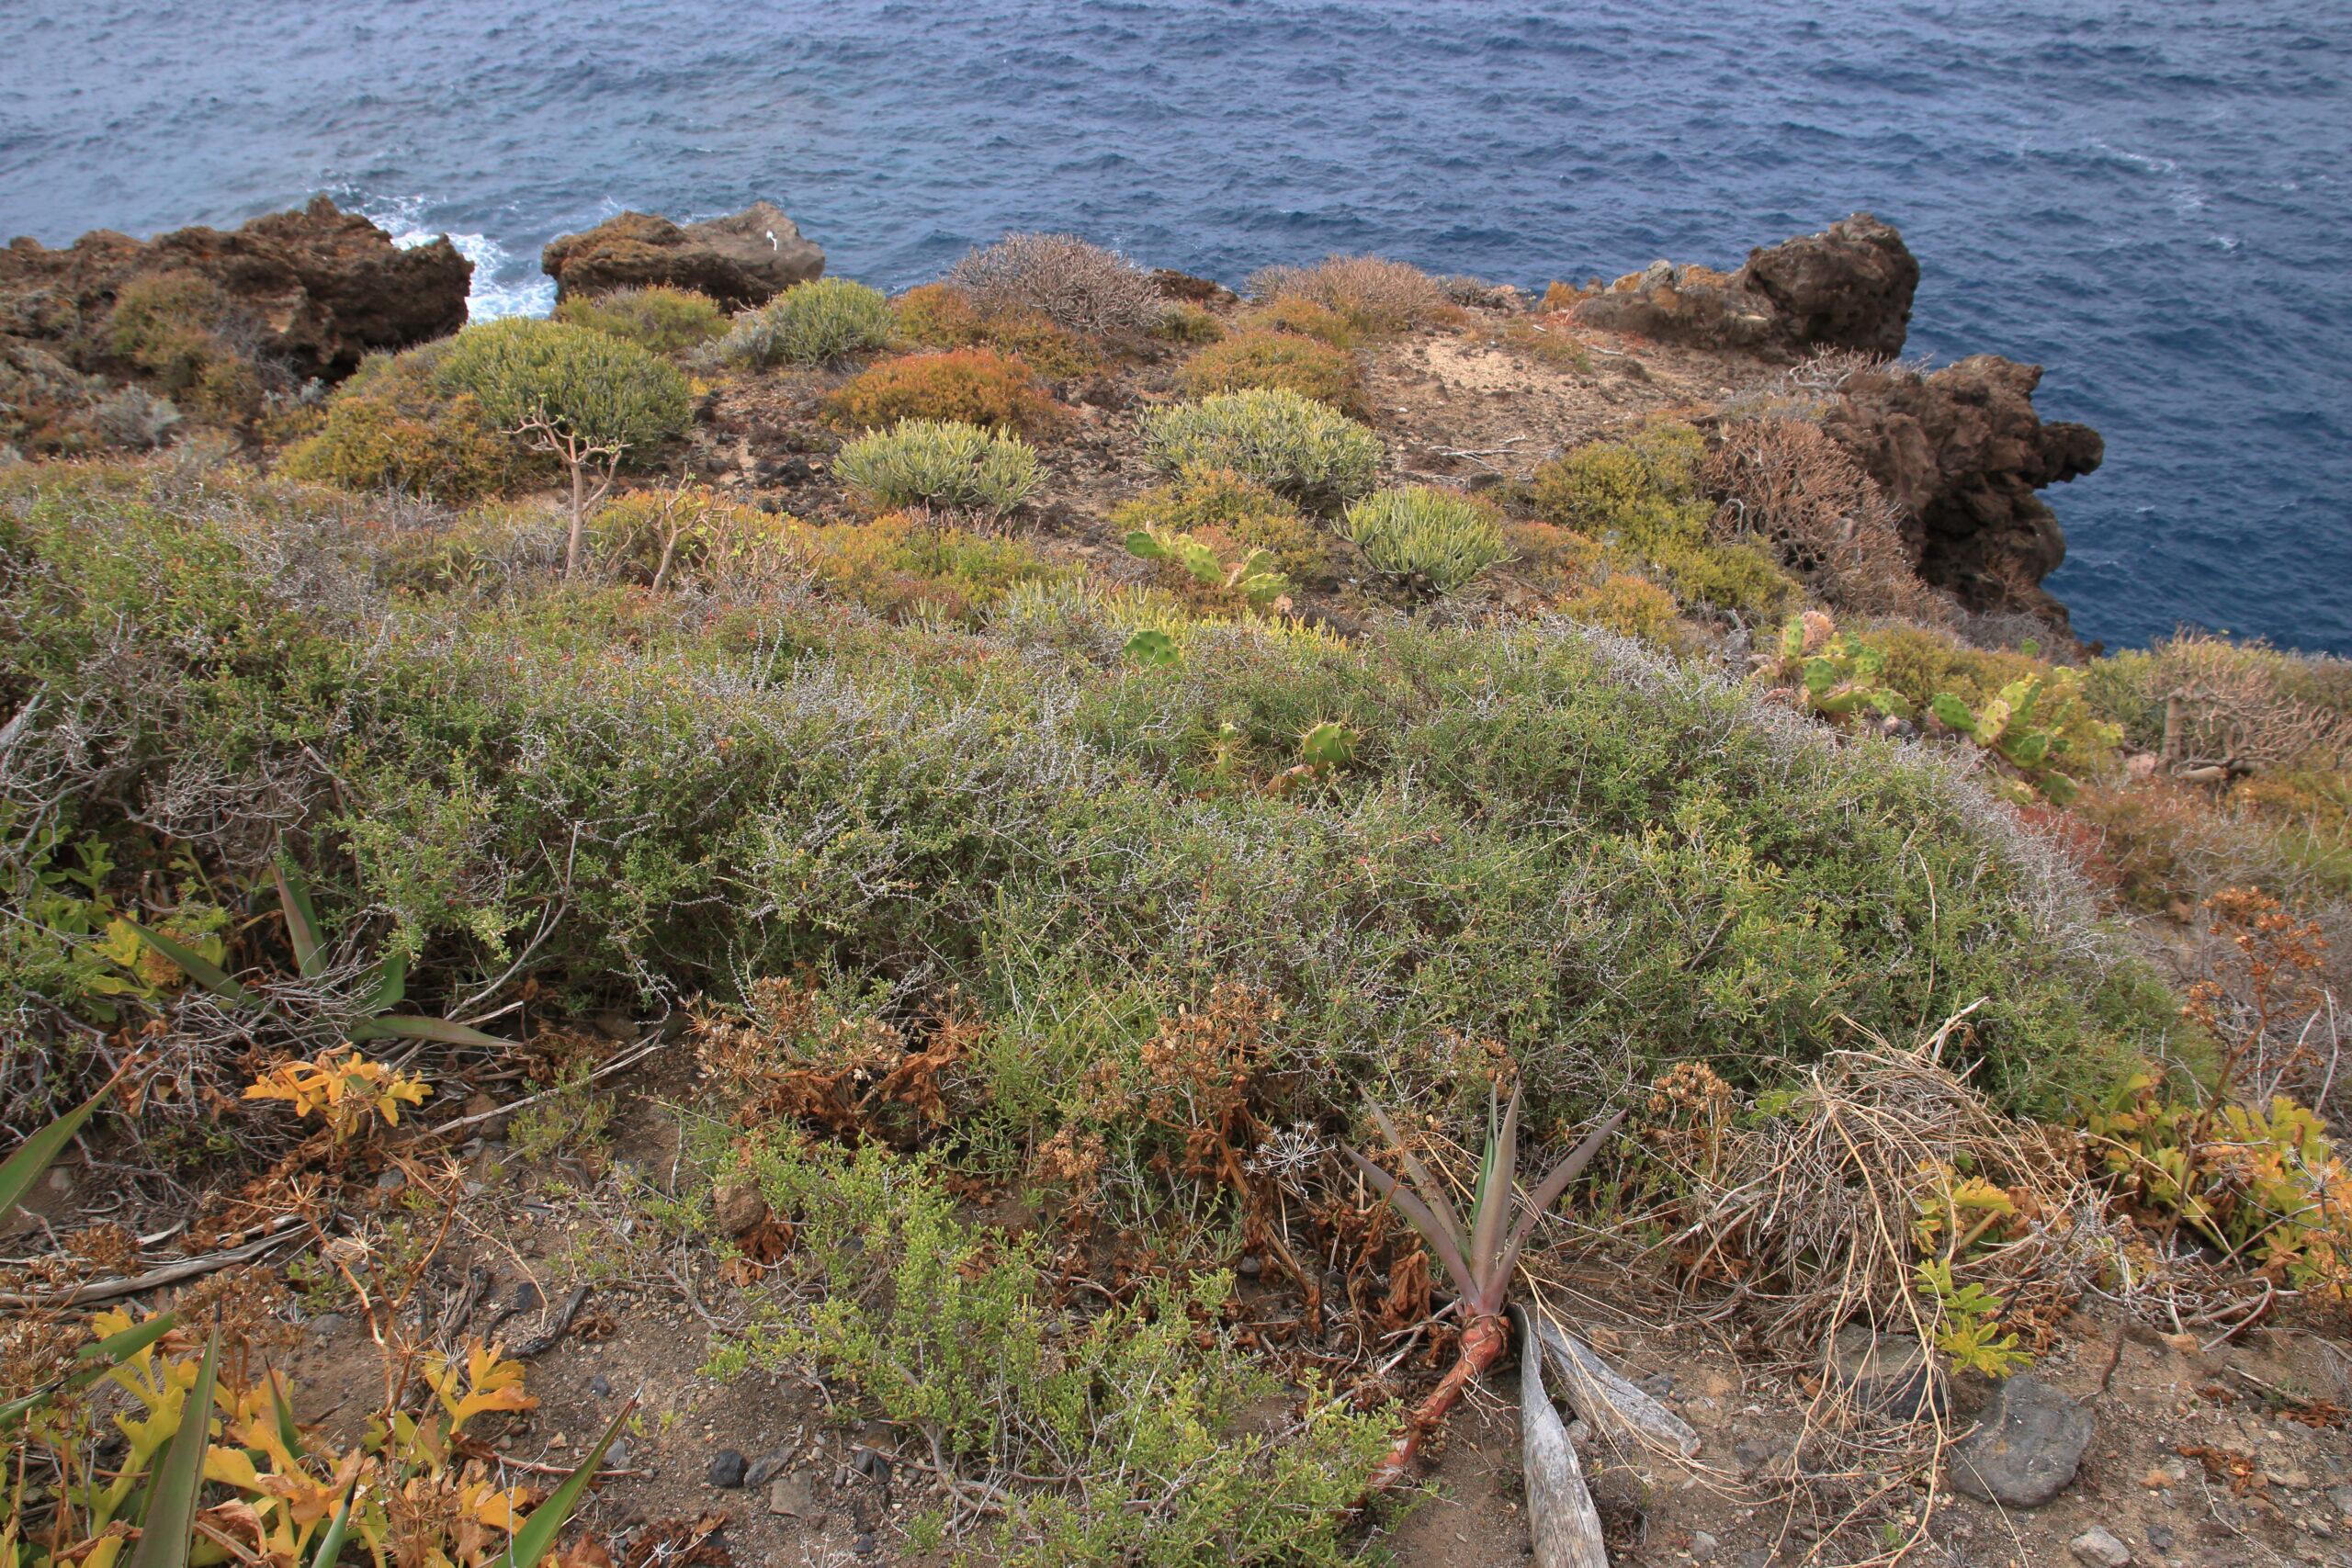 img_8579-habitat-1-scaled.jpg